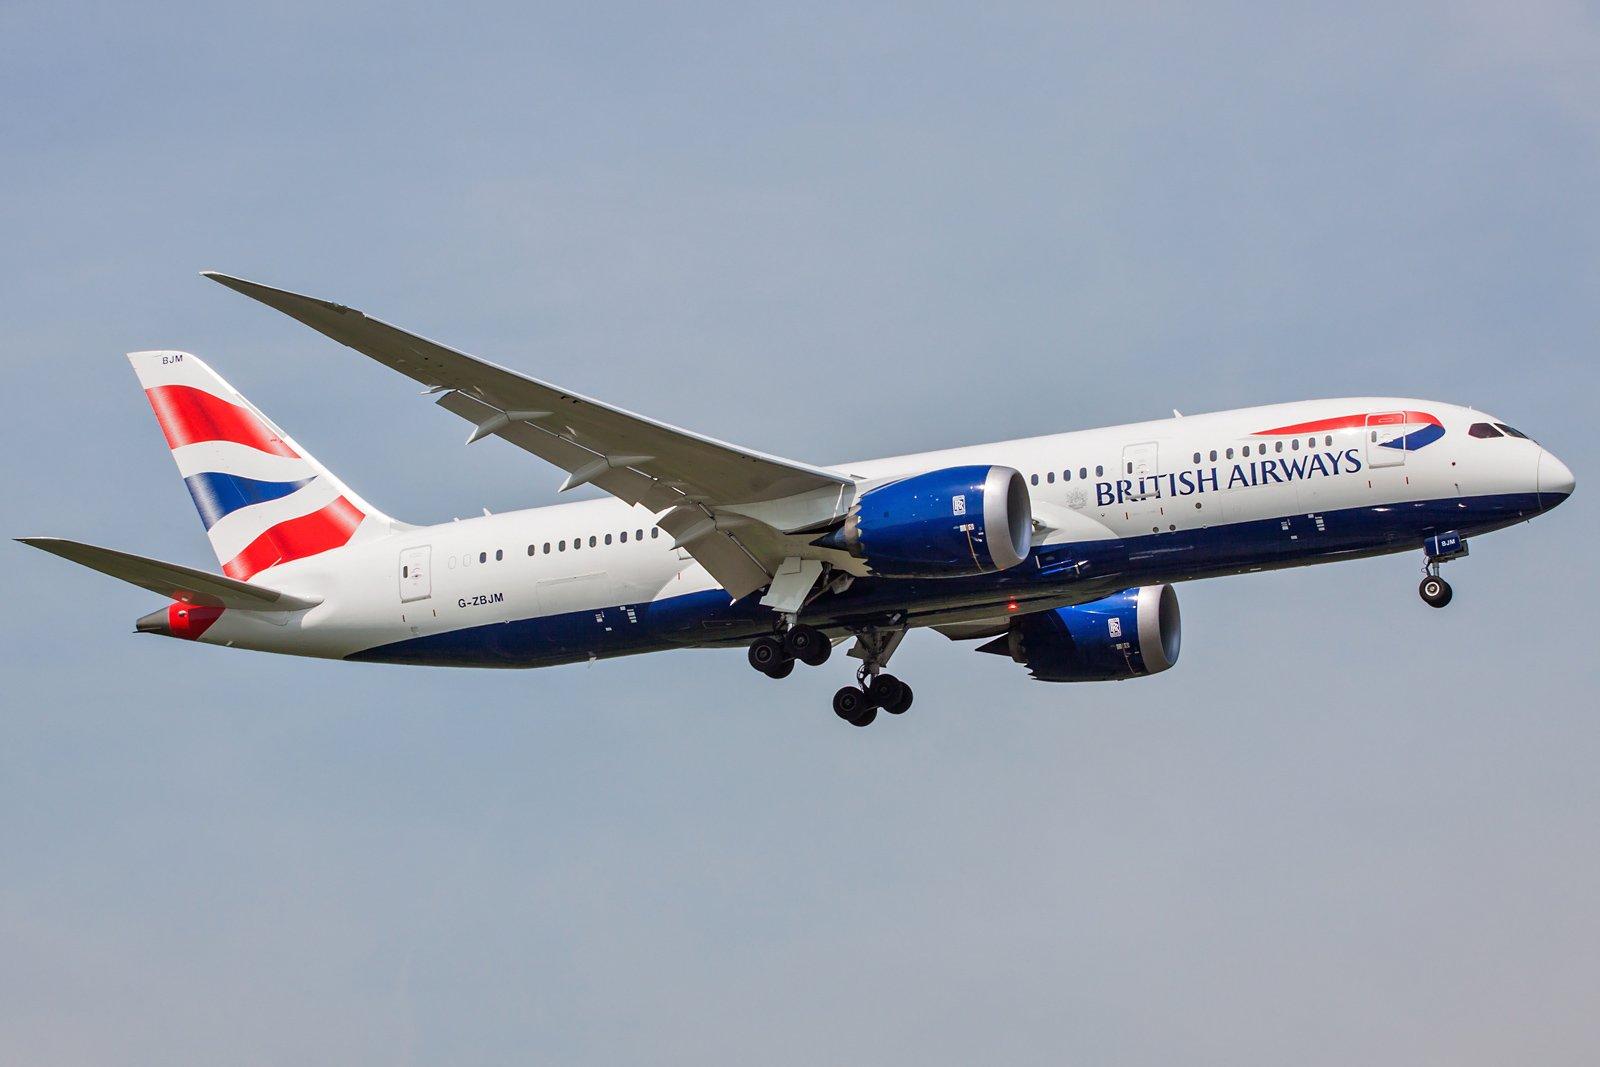 British Airways Boeing 787-8 Dreamliner G-ZBJM